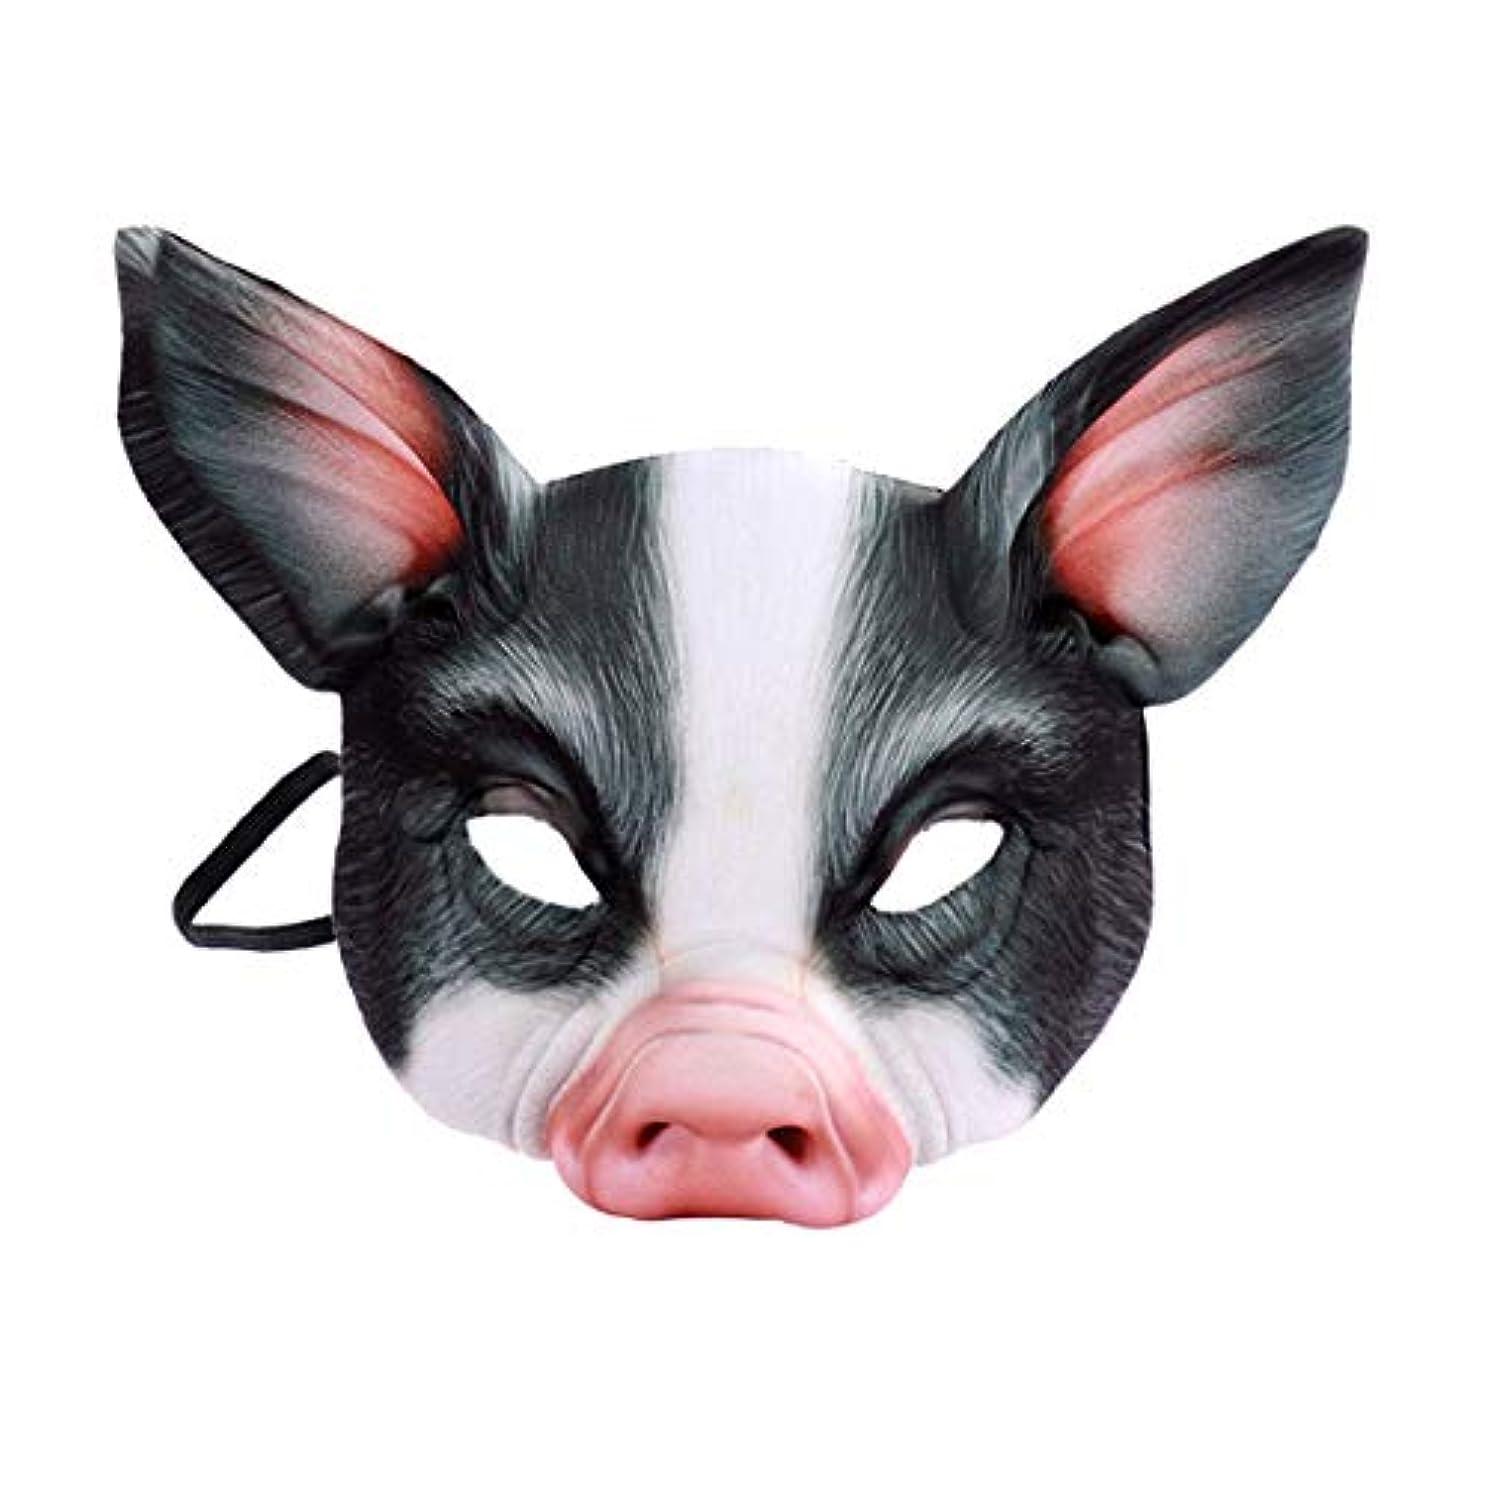 ソーセージ個人起業家TOYMYTOY 動物マスク パーティーマスク 豚マスク コスプレ小物 仮装マスク 仮装 変装 お面 かぶりもの 仮装イベン アイテム お祭り 宴会 学園祭 ブラック